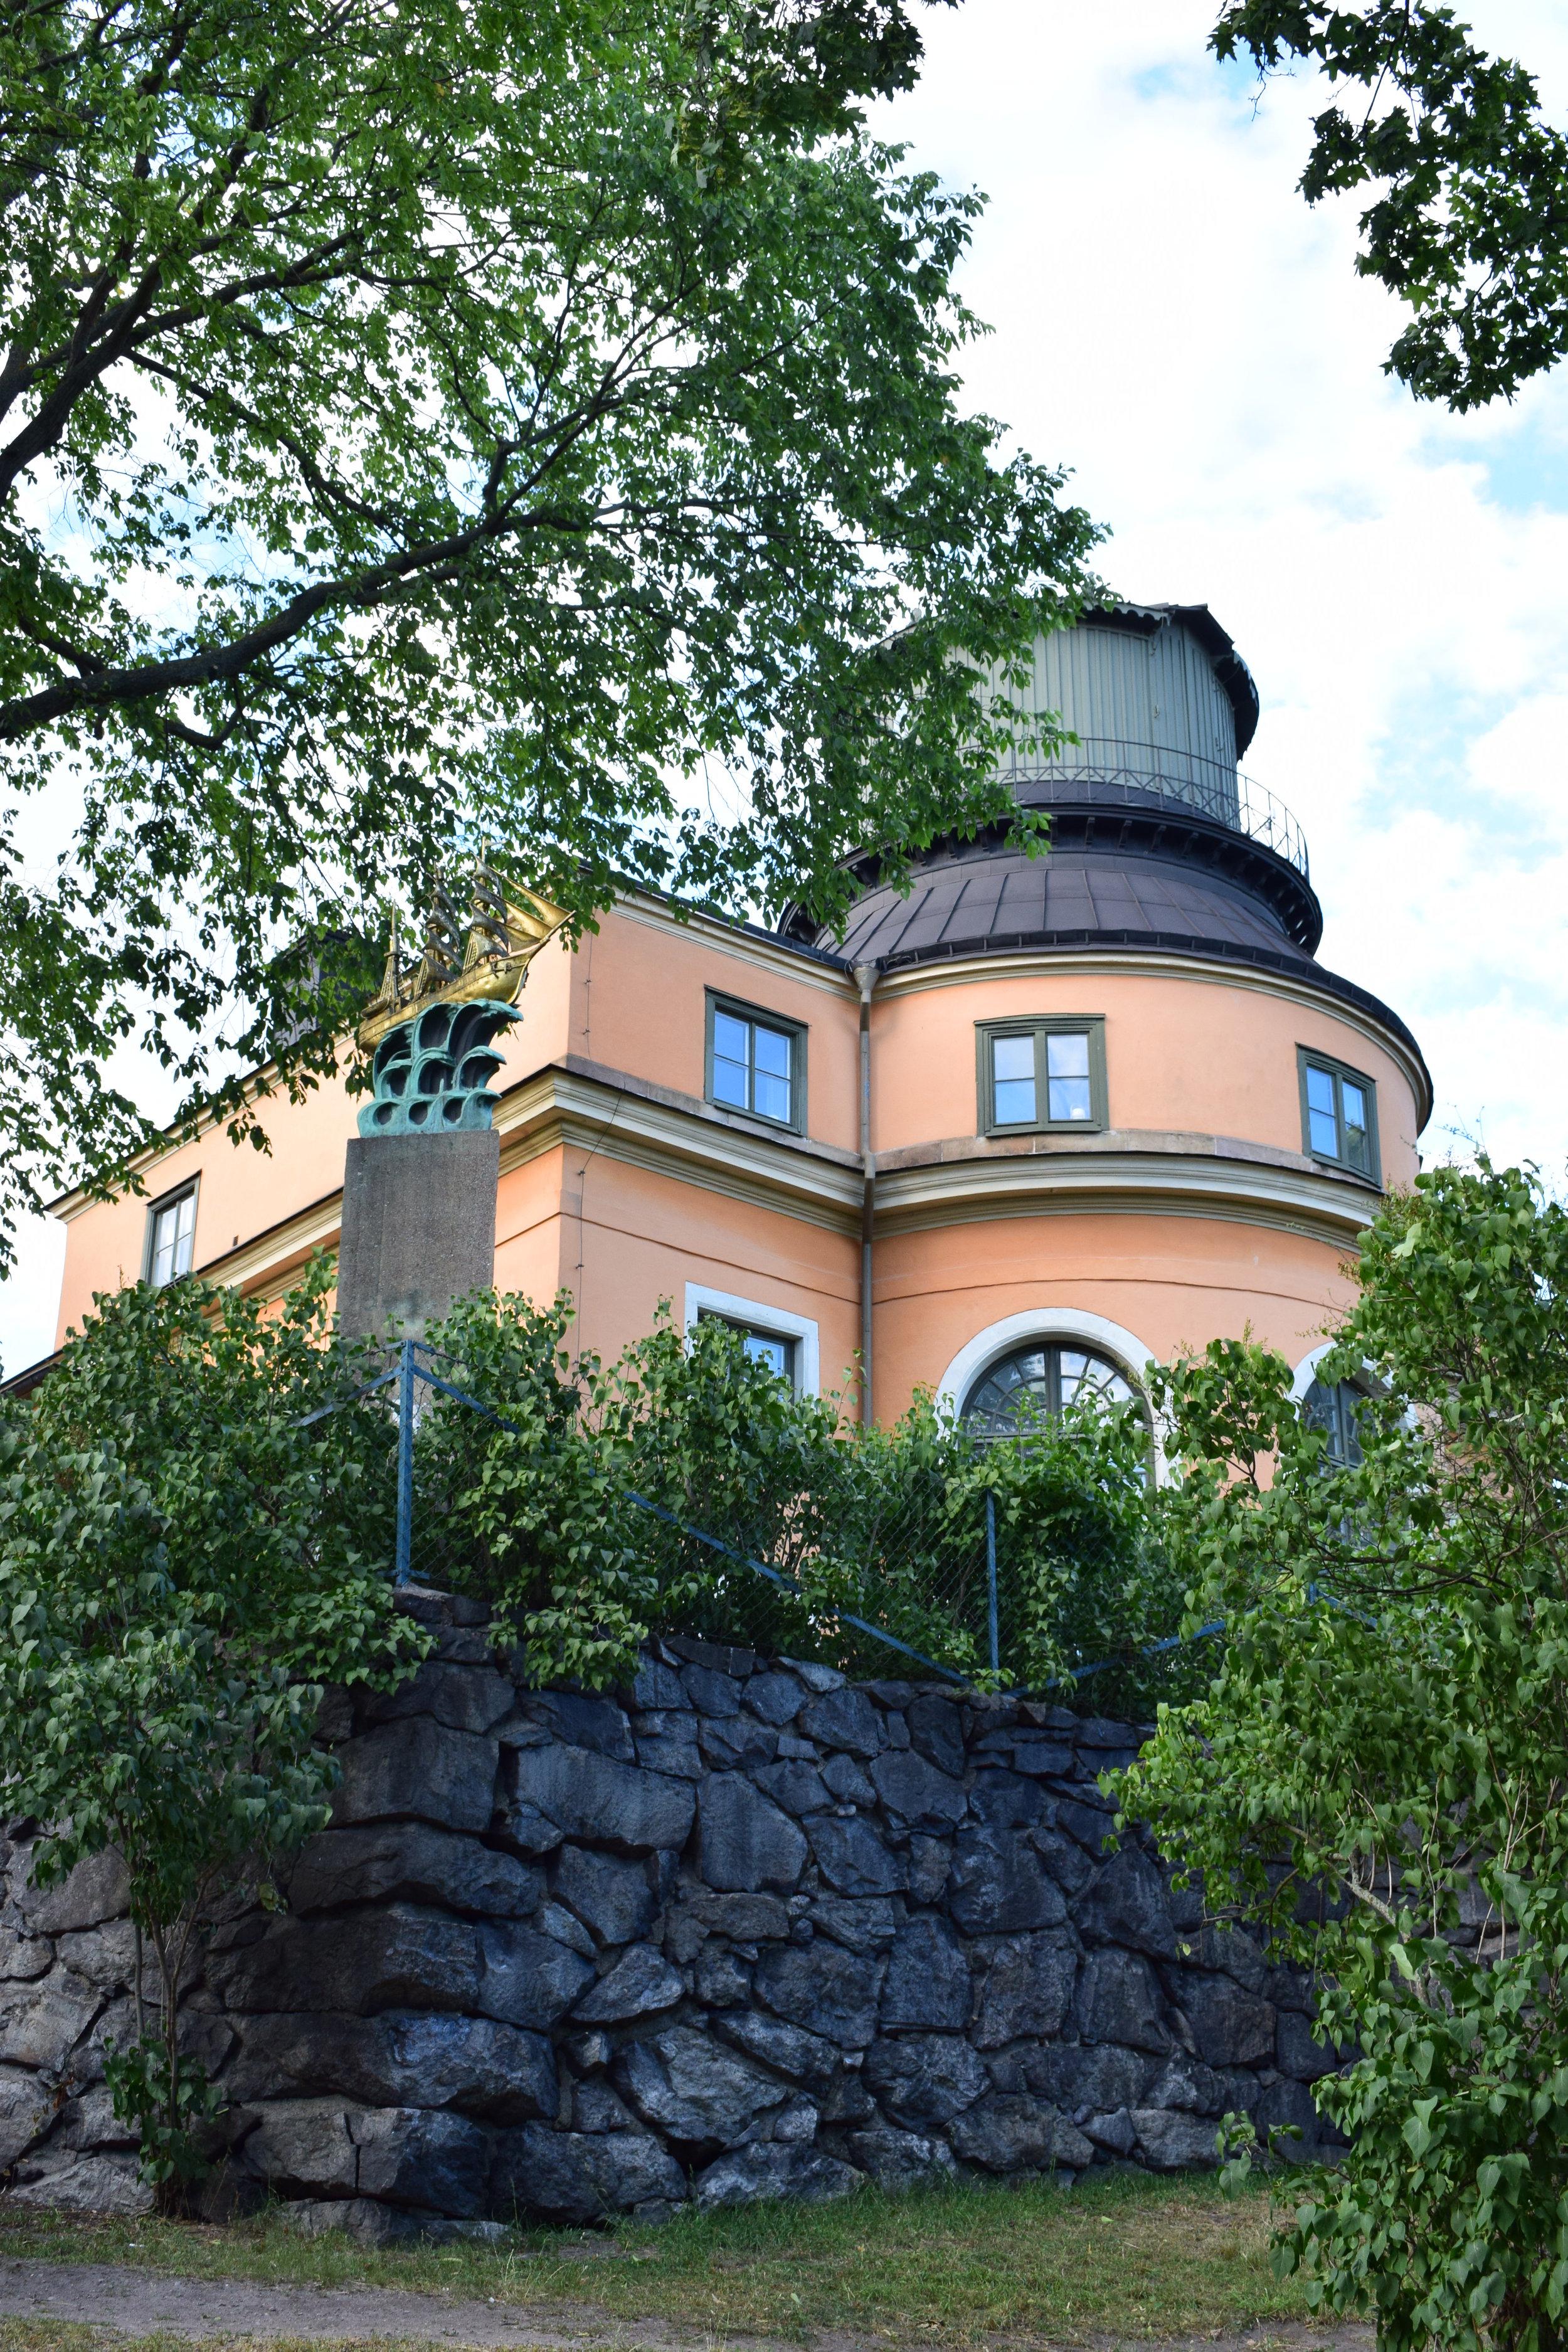 Carl Hårleman, Stockholms observatorium, 1747-1753, Stockholm